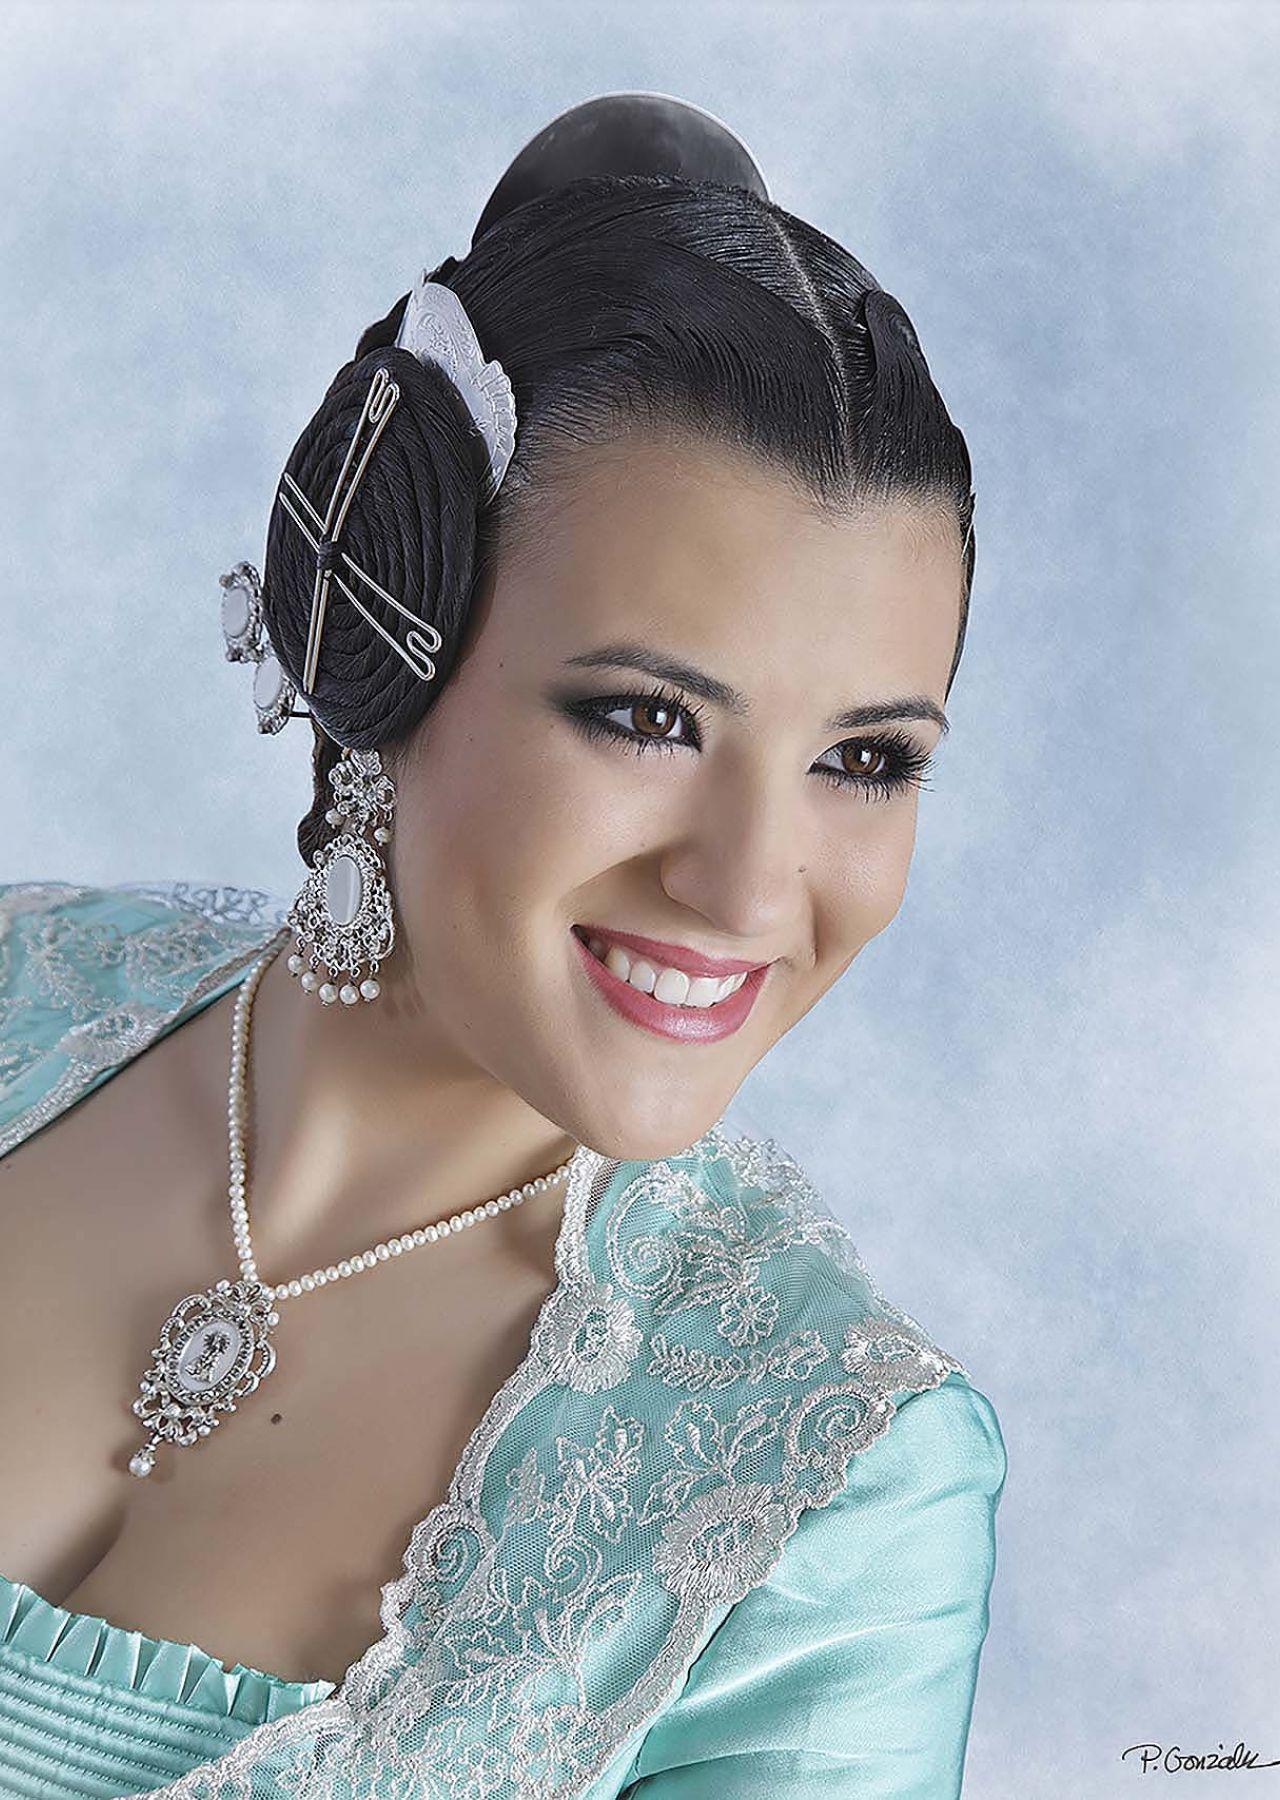 Esmeralda Sanchis Garcia